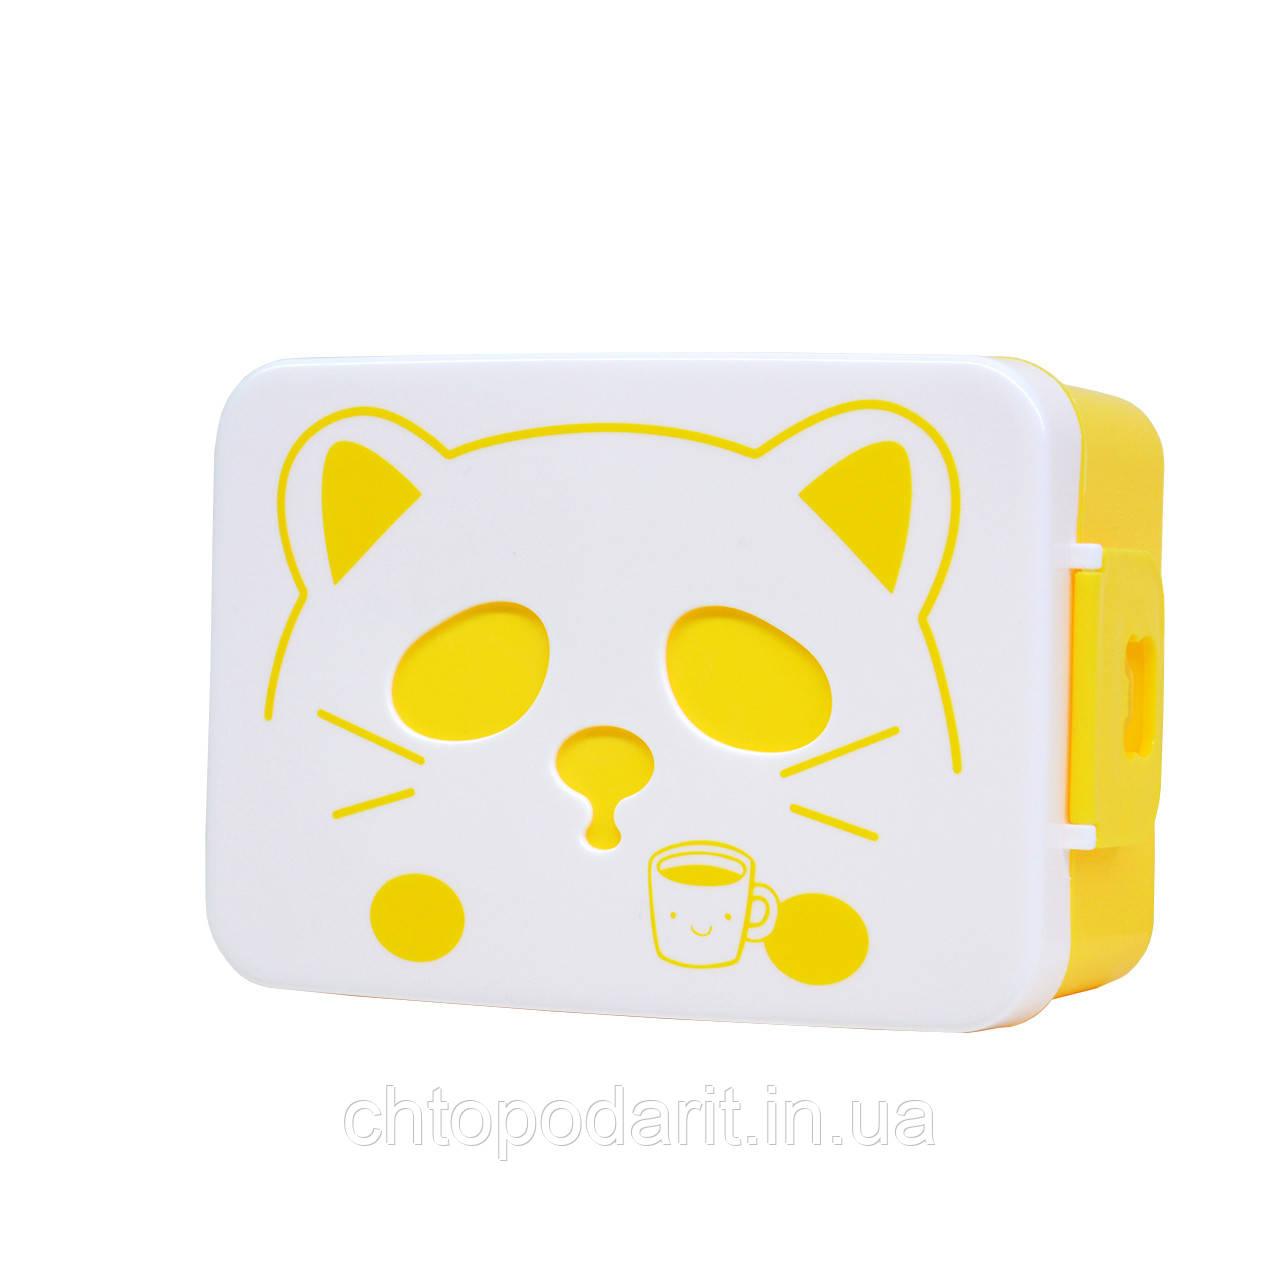 Контейнер для еды кот (желтый)